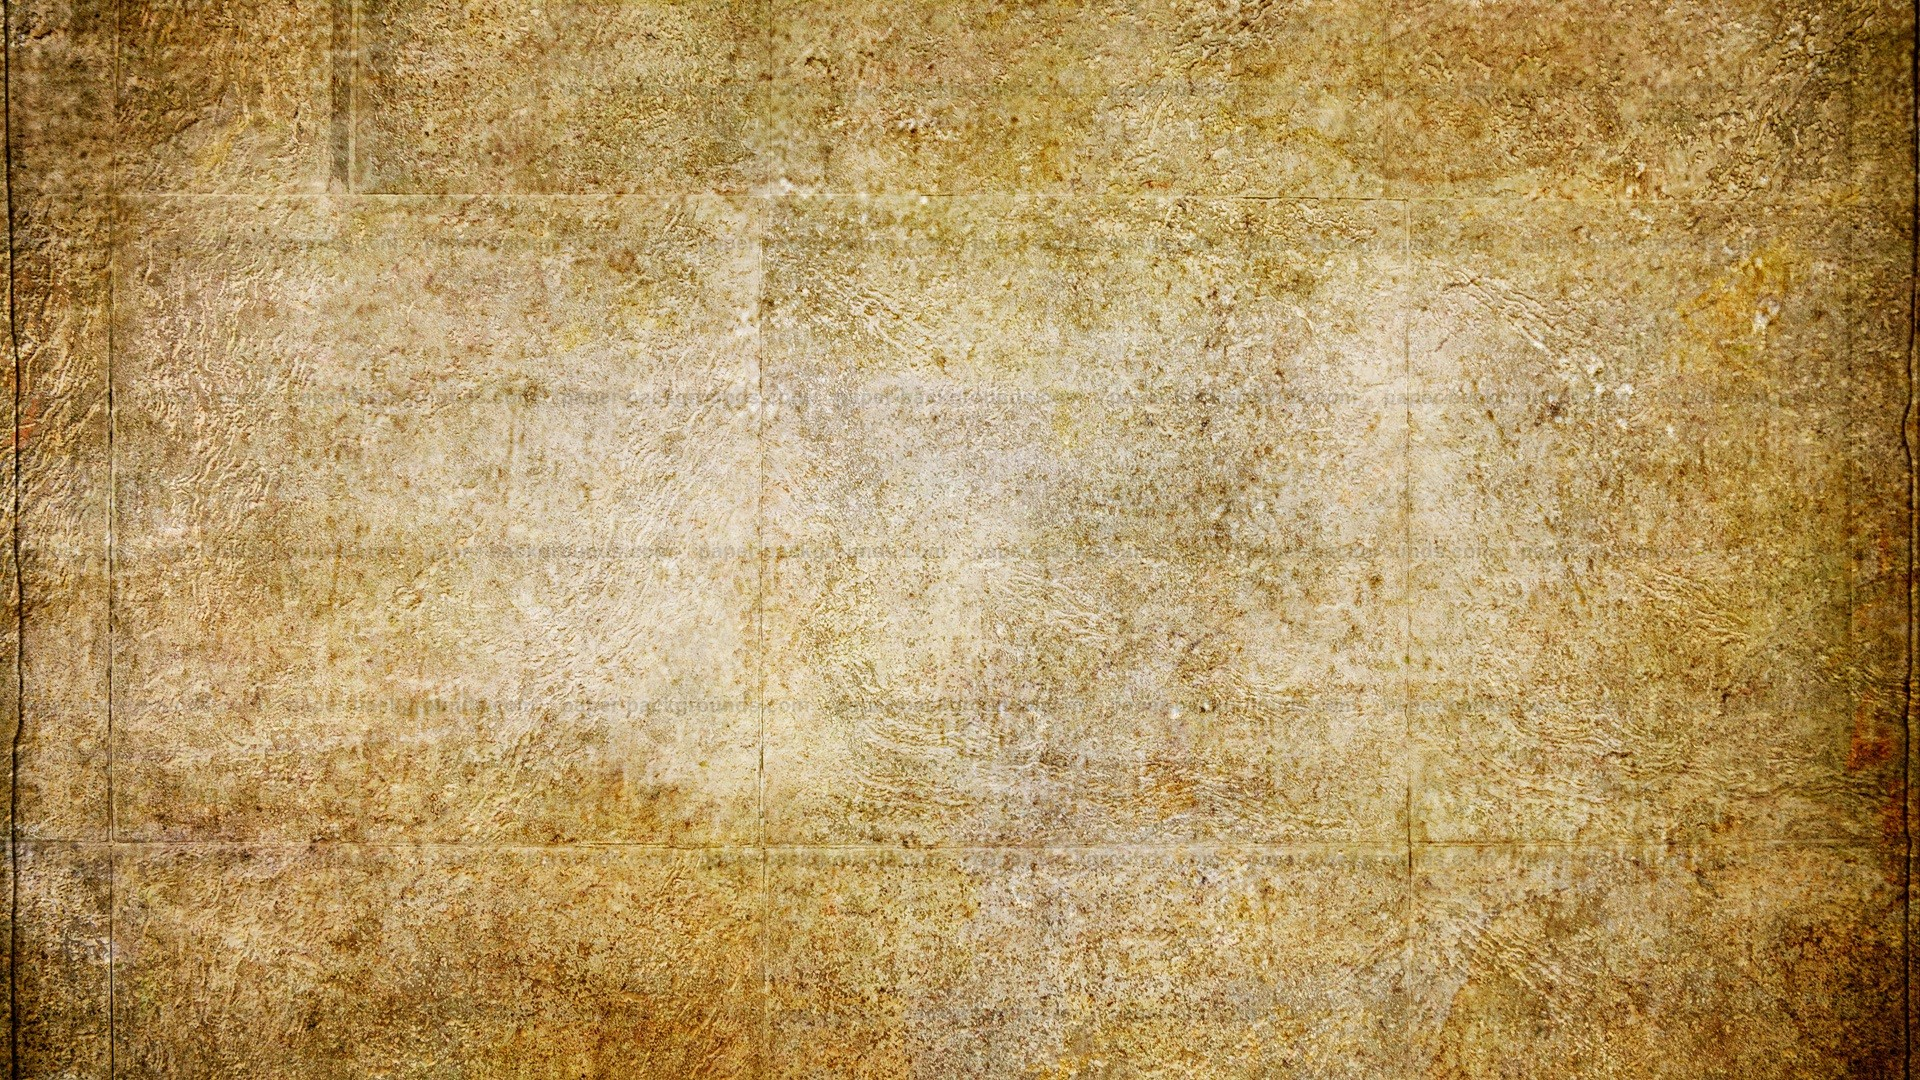 Grunge Background 1080p Src Grunge Background 1080p Texture Background Hd Free Download 1920x1080 Download Hd Wallpaper Wallpapertip